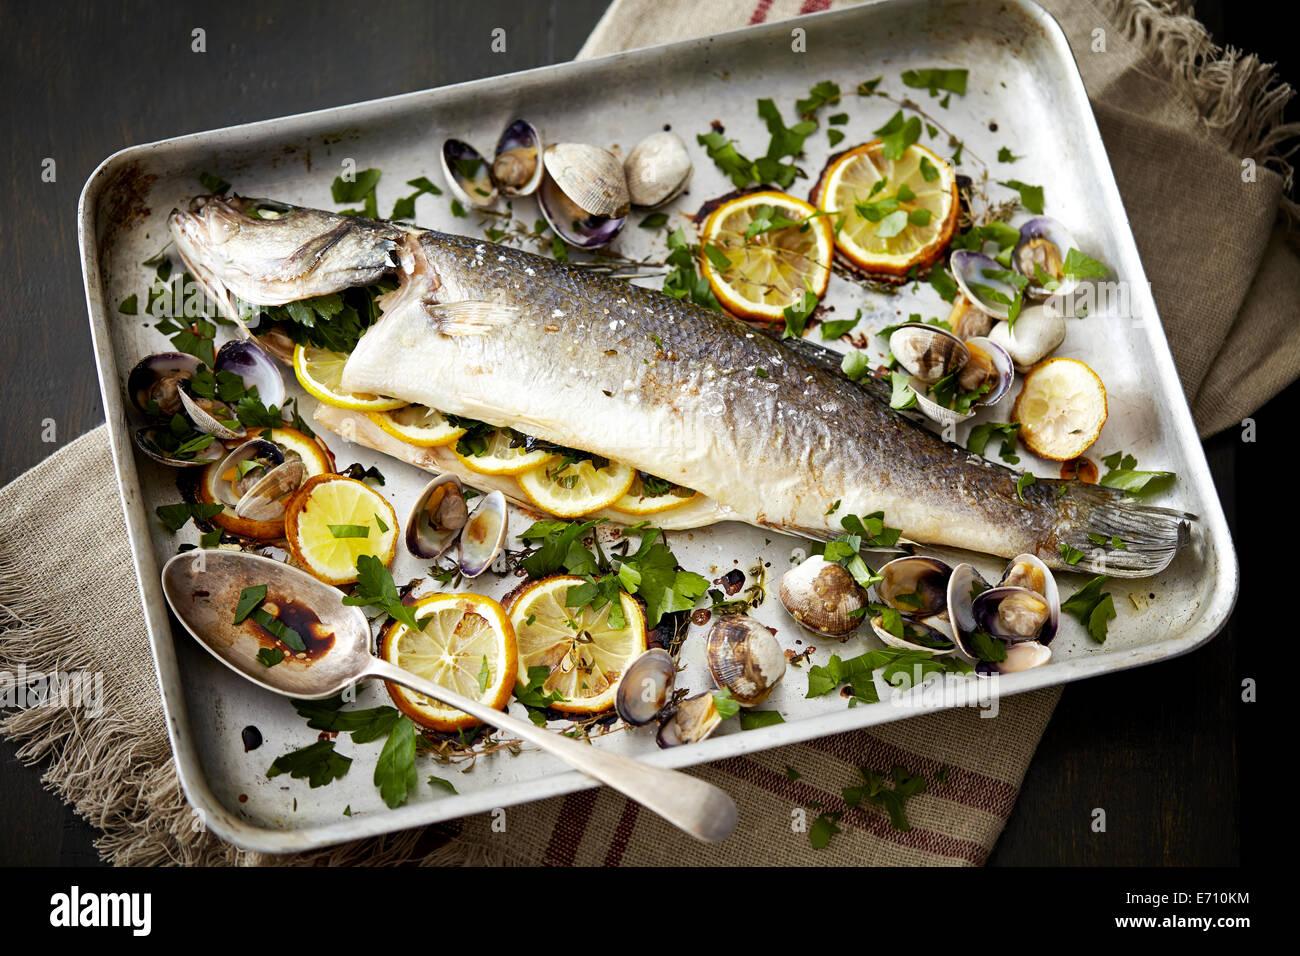 La plaque de cuisson avec du poisson cuit au four farcies aux herbes et citron Photo Stock